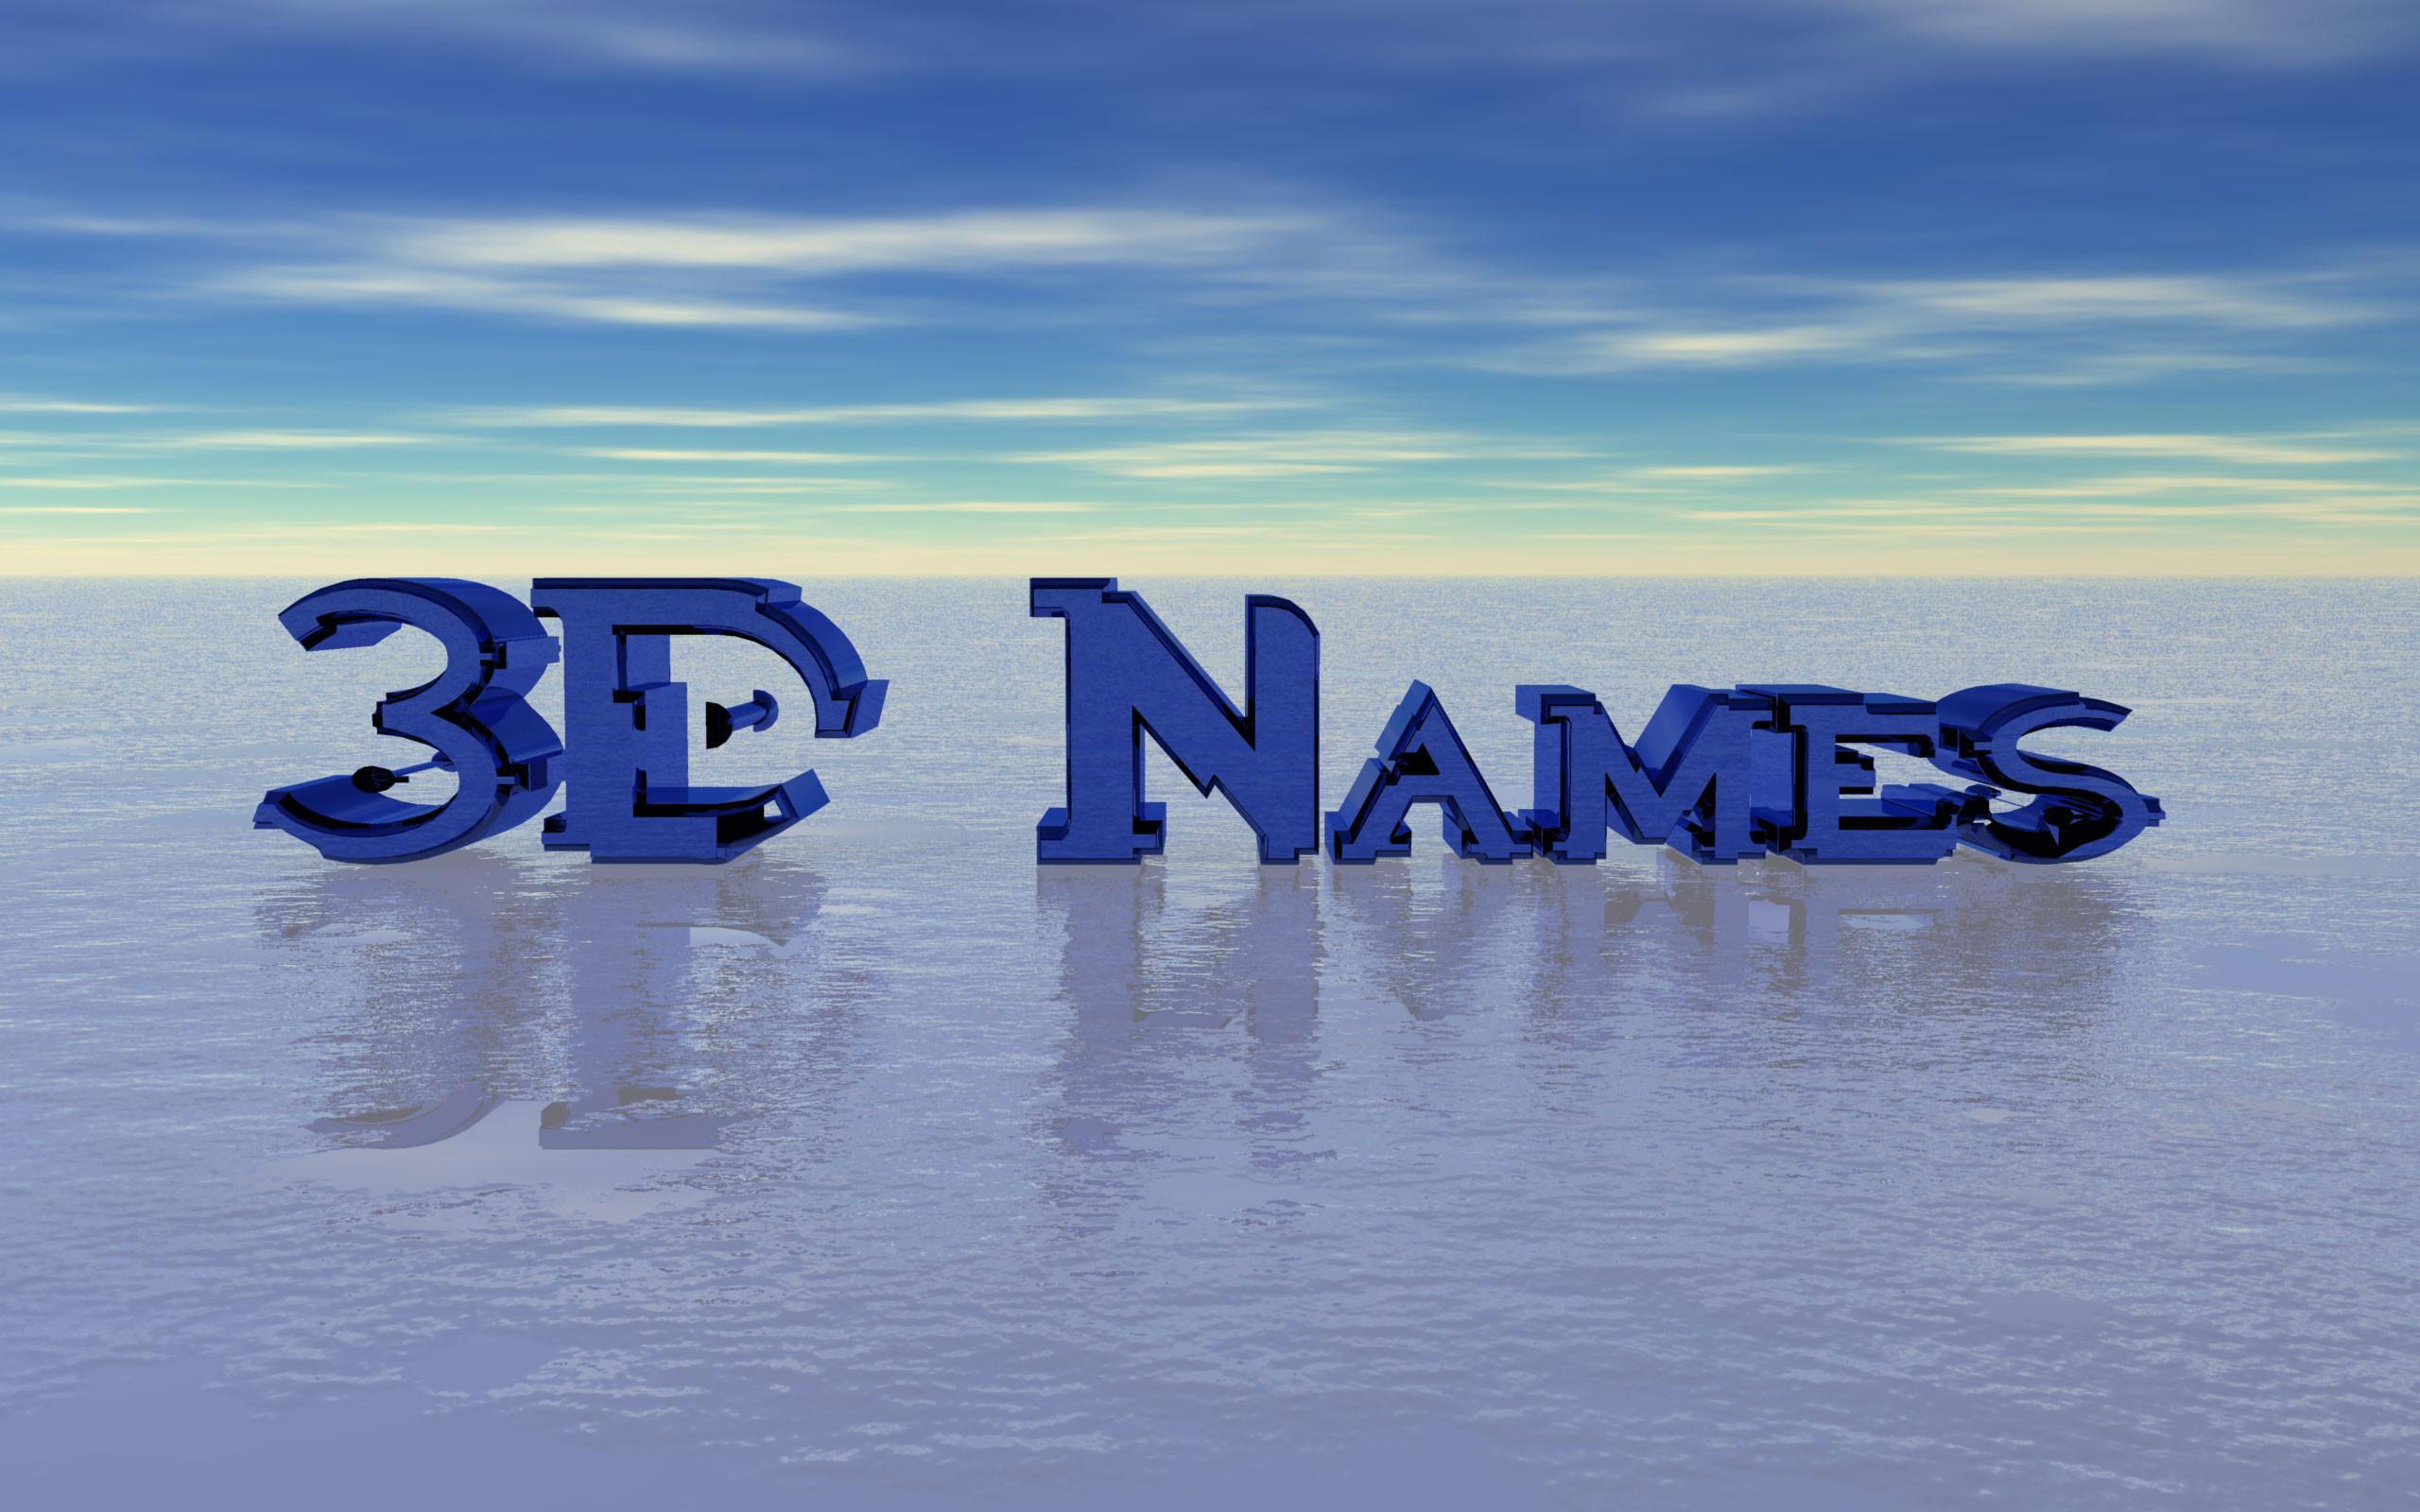 Faisal 3d Name Wallpaper 3d Name Wallpapers 183 ①